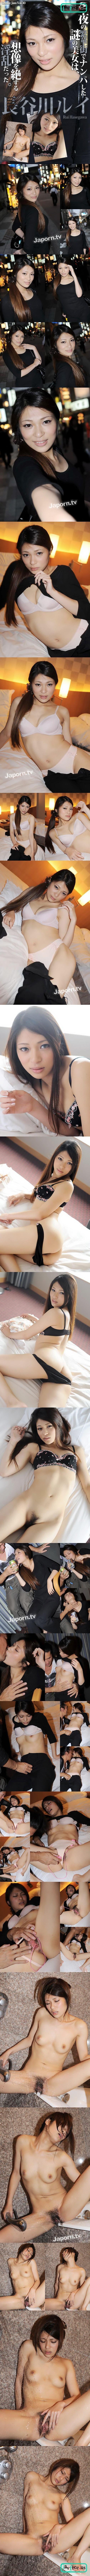 [SSKJ 030] Sasuke Jam Vol.30   Shirouto Hyakka 009 : Rui Hasegawa 長谷川ルイ SSKJ Shirouto Hyakka Sasuke Jam Rui Hasegawa